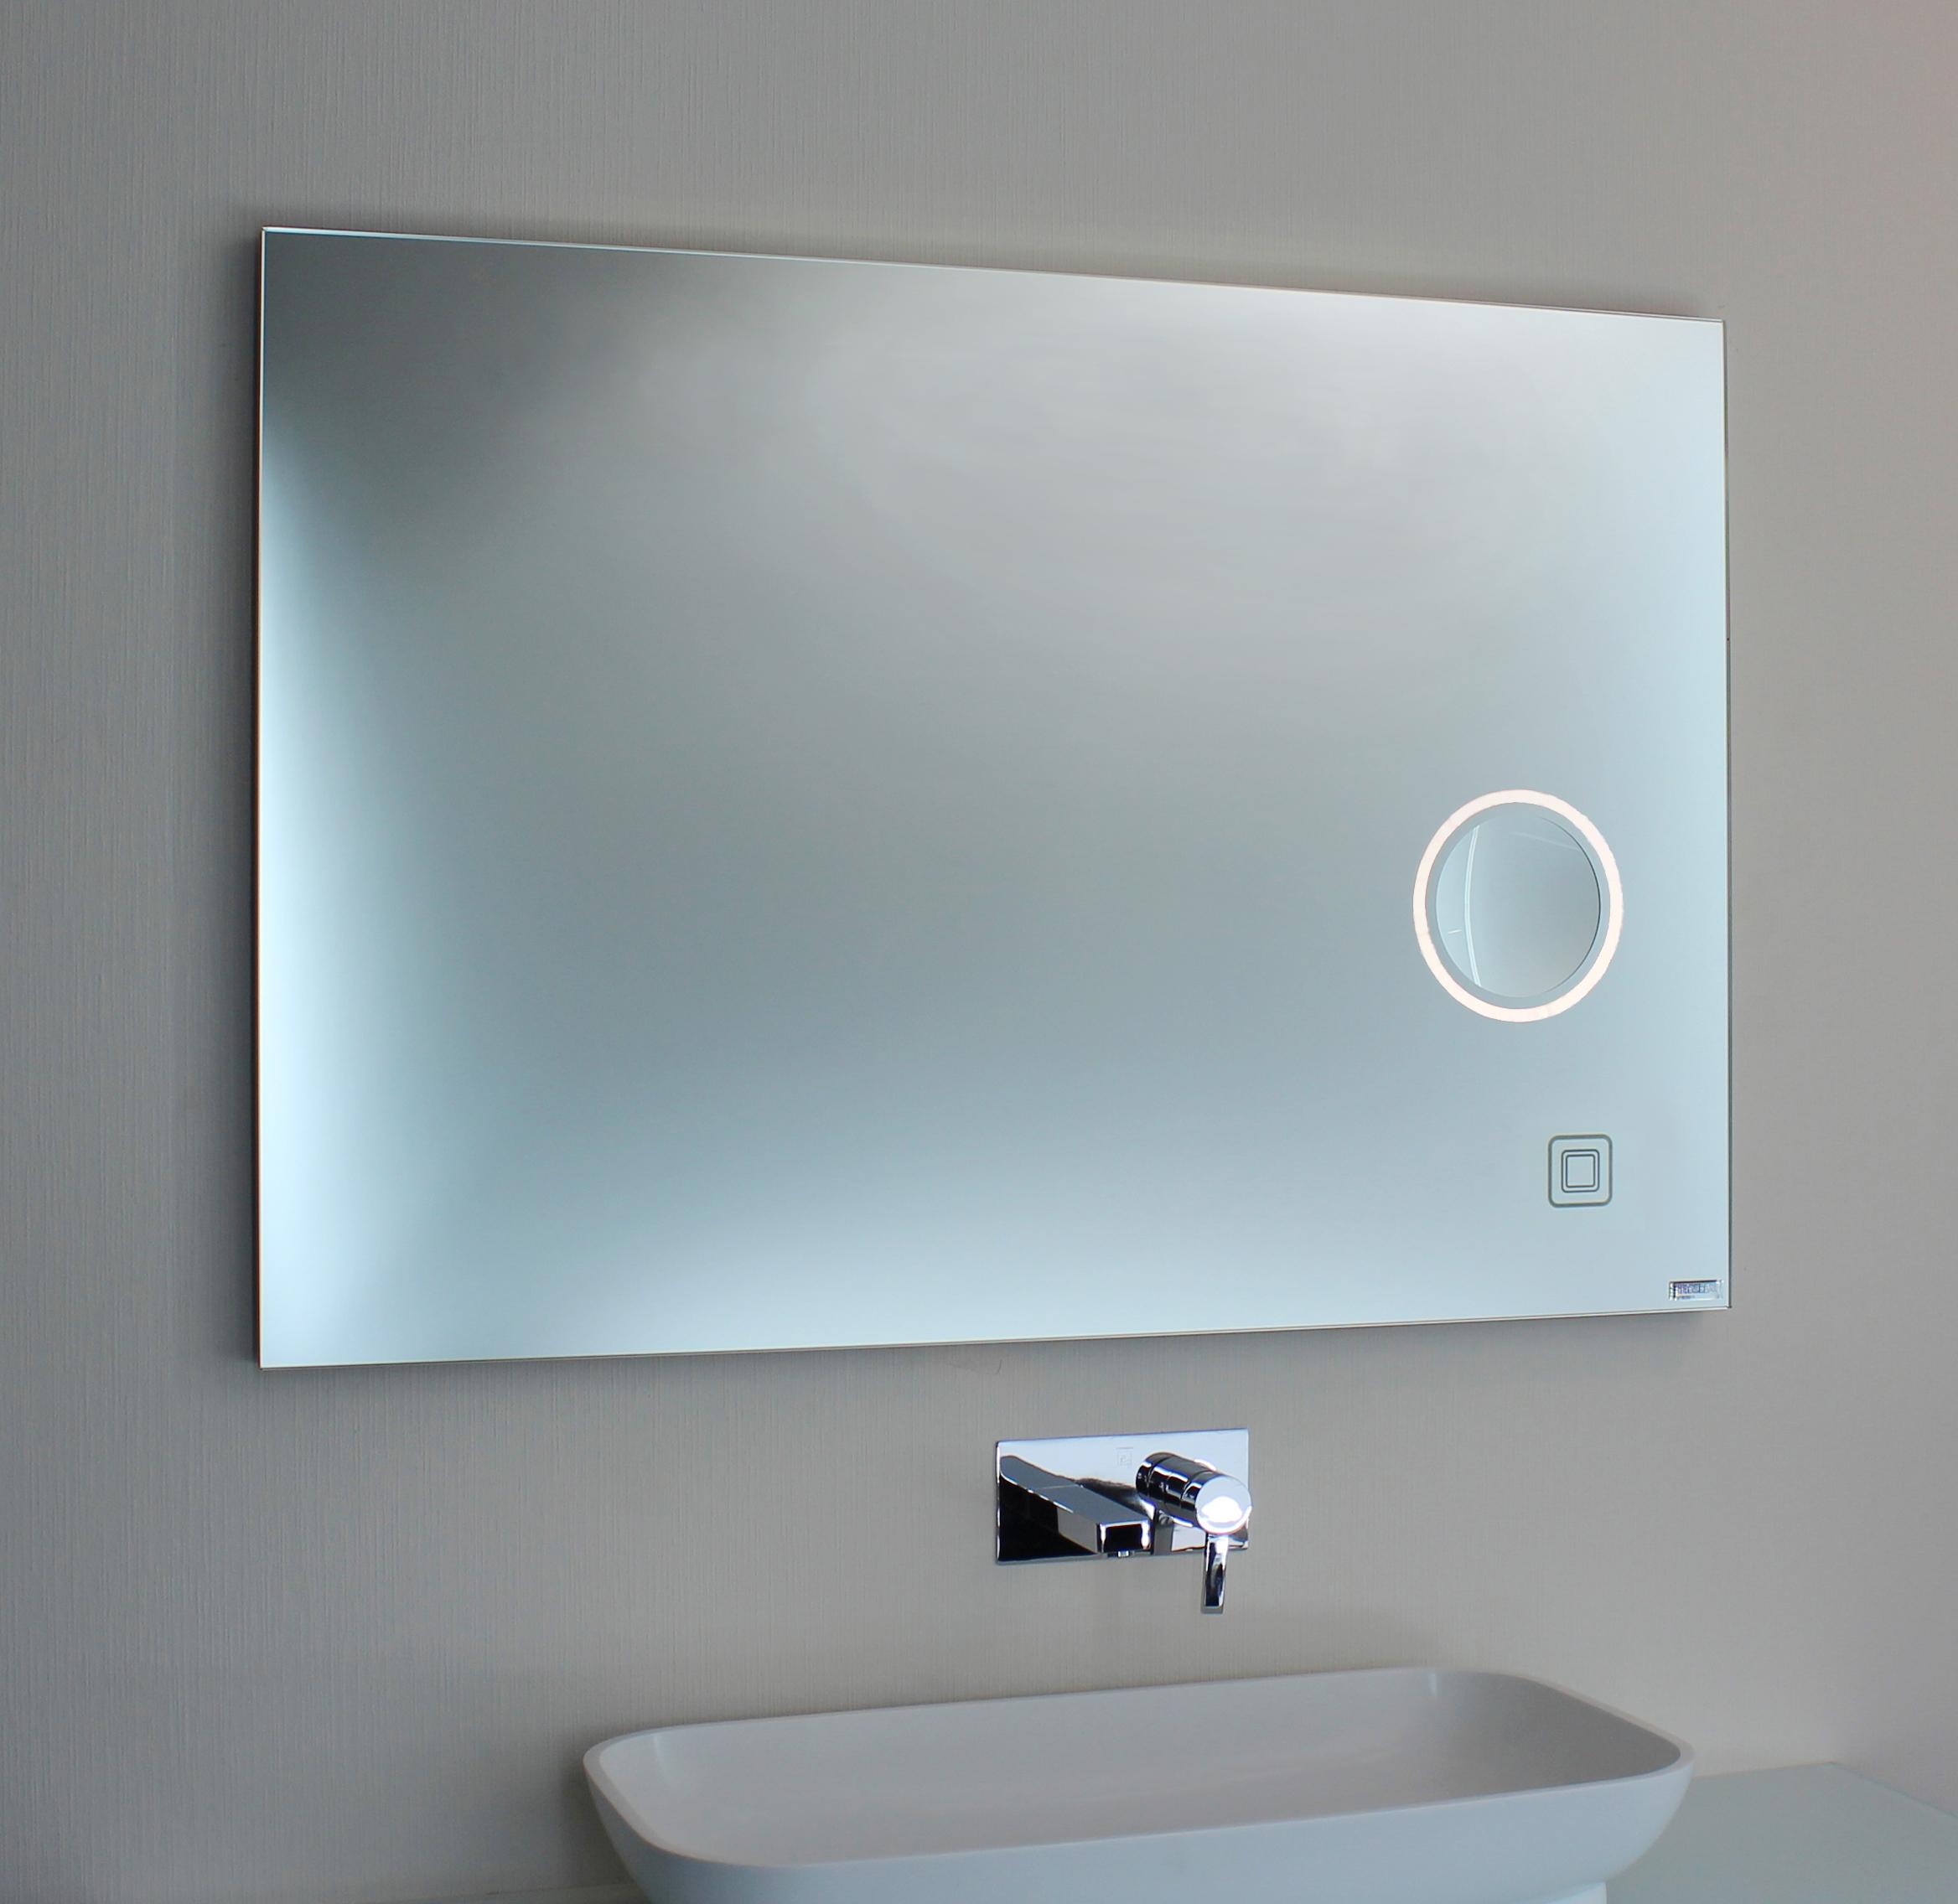 badspiegel mit kosmetikspiegel und sensorschalter 00-05.1 » spiegel art®